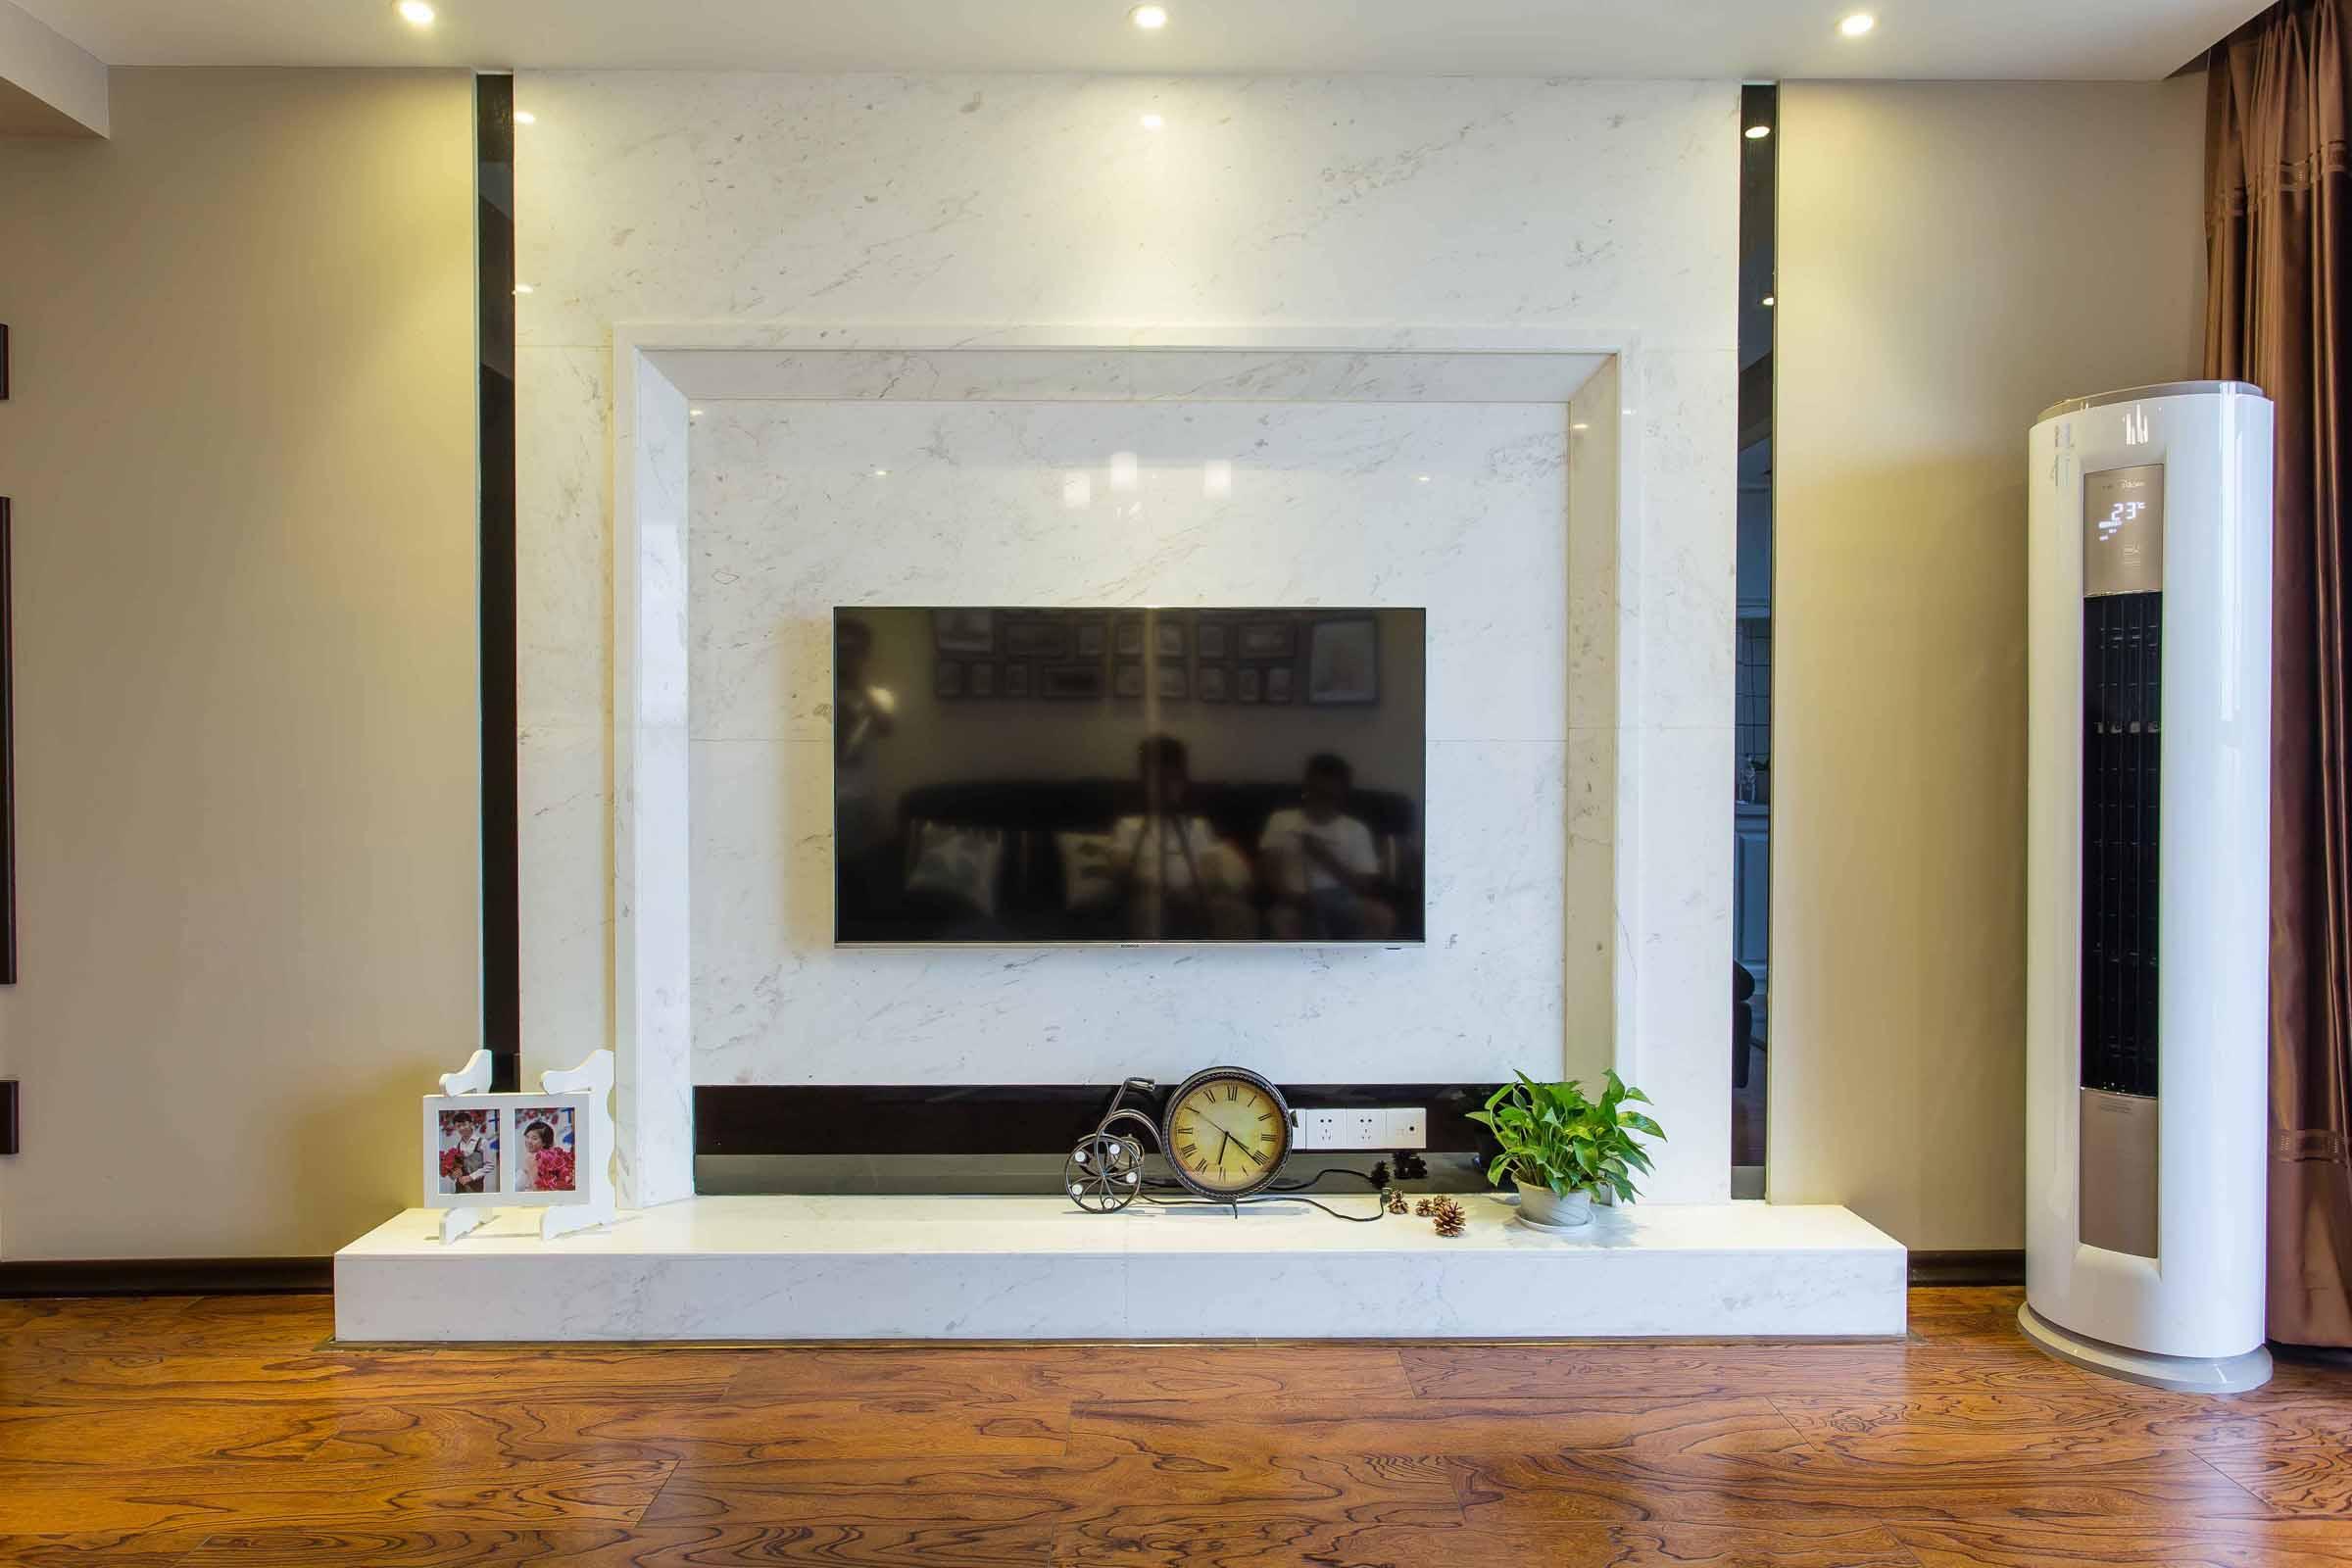 电视背景墙以大理石为主很是简单大气。